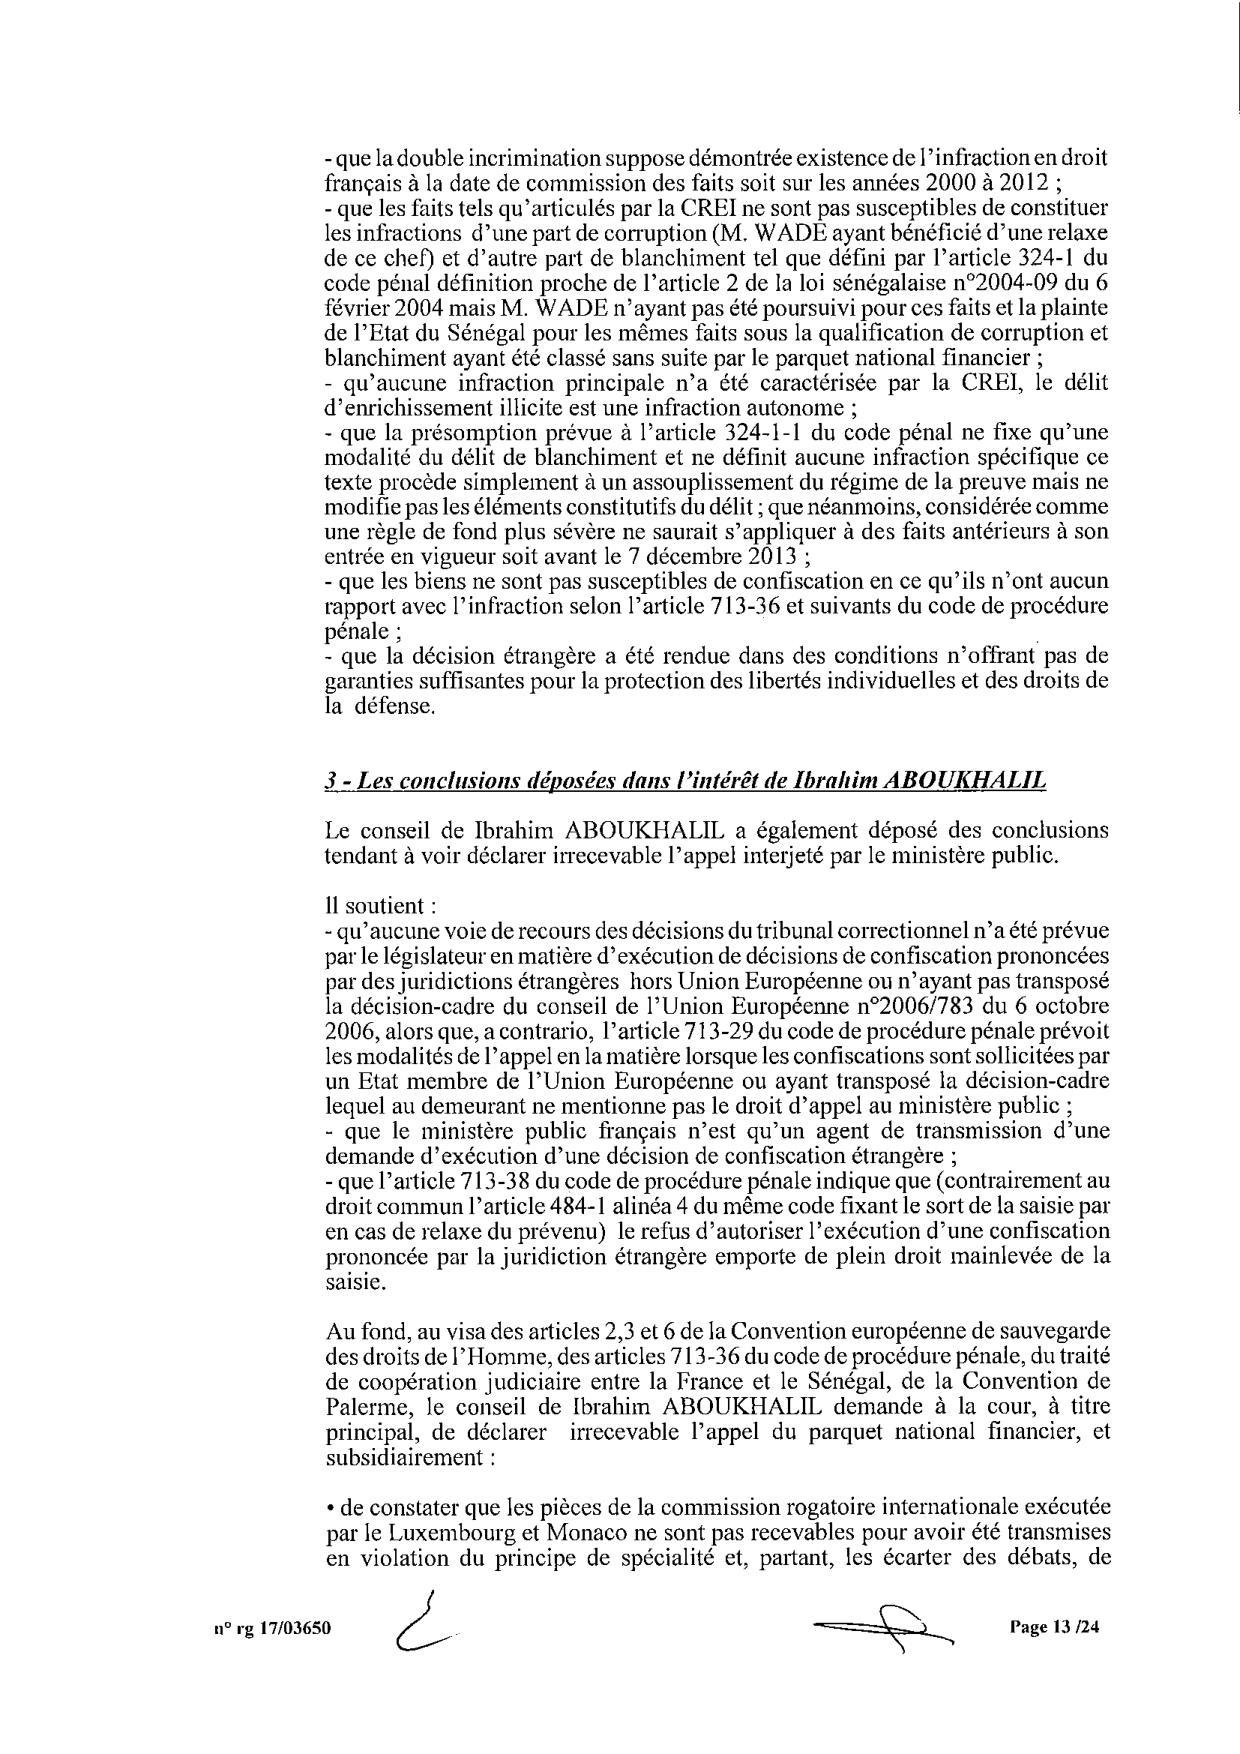 EXCLUSIF Karim Wade : l'intégralité de la décision Cour d'Appel de Paris